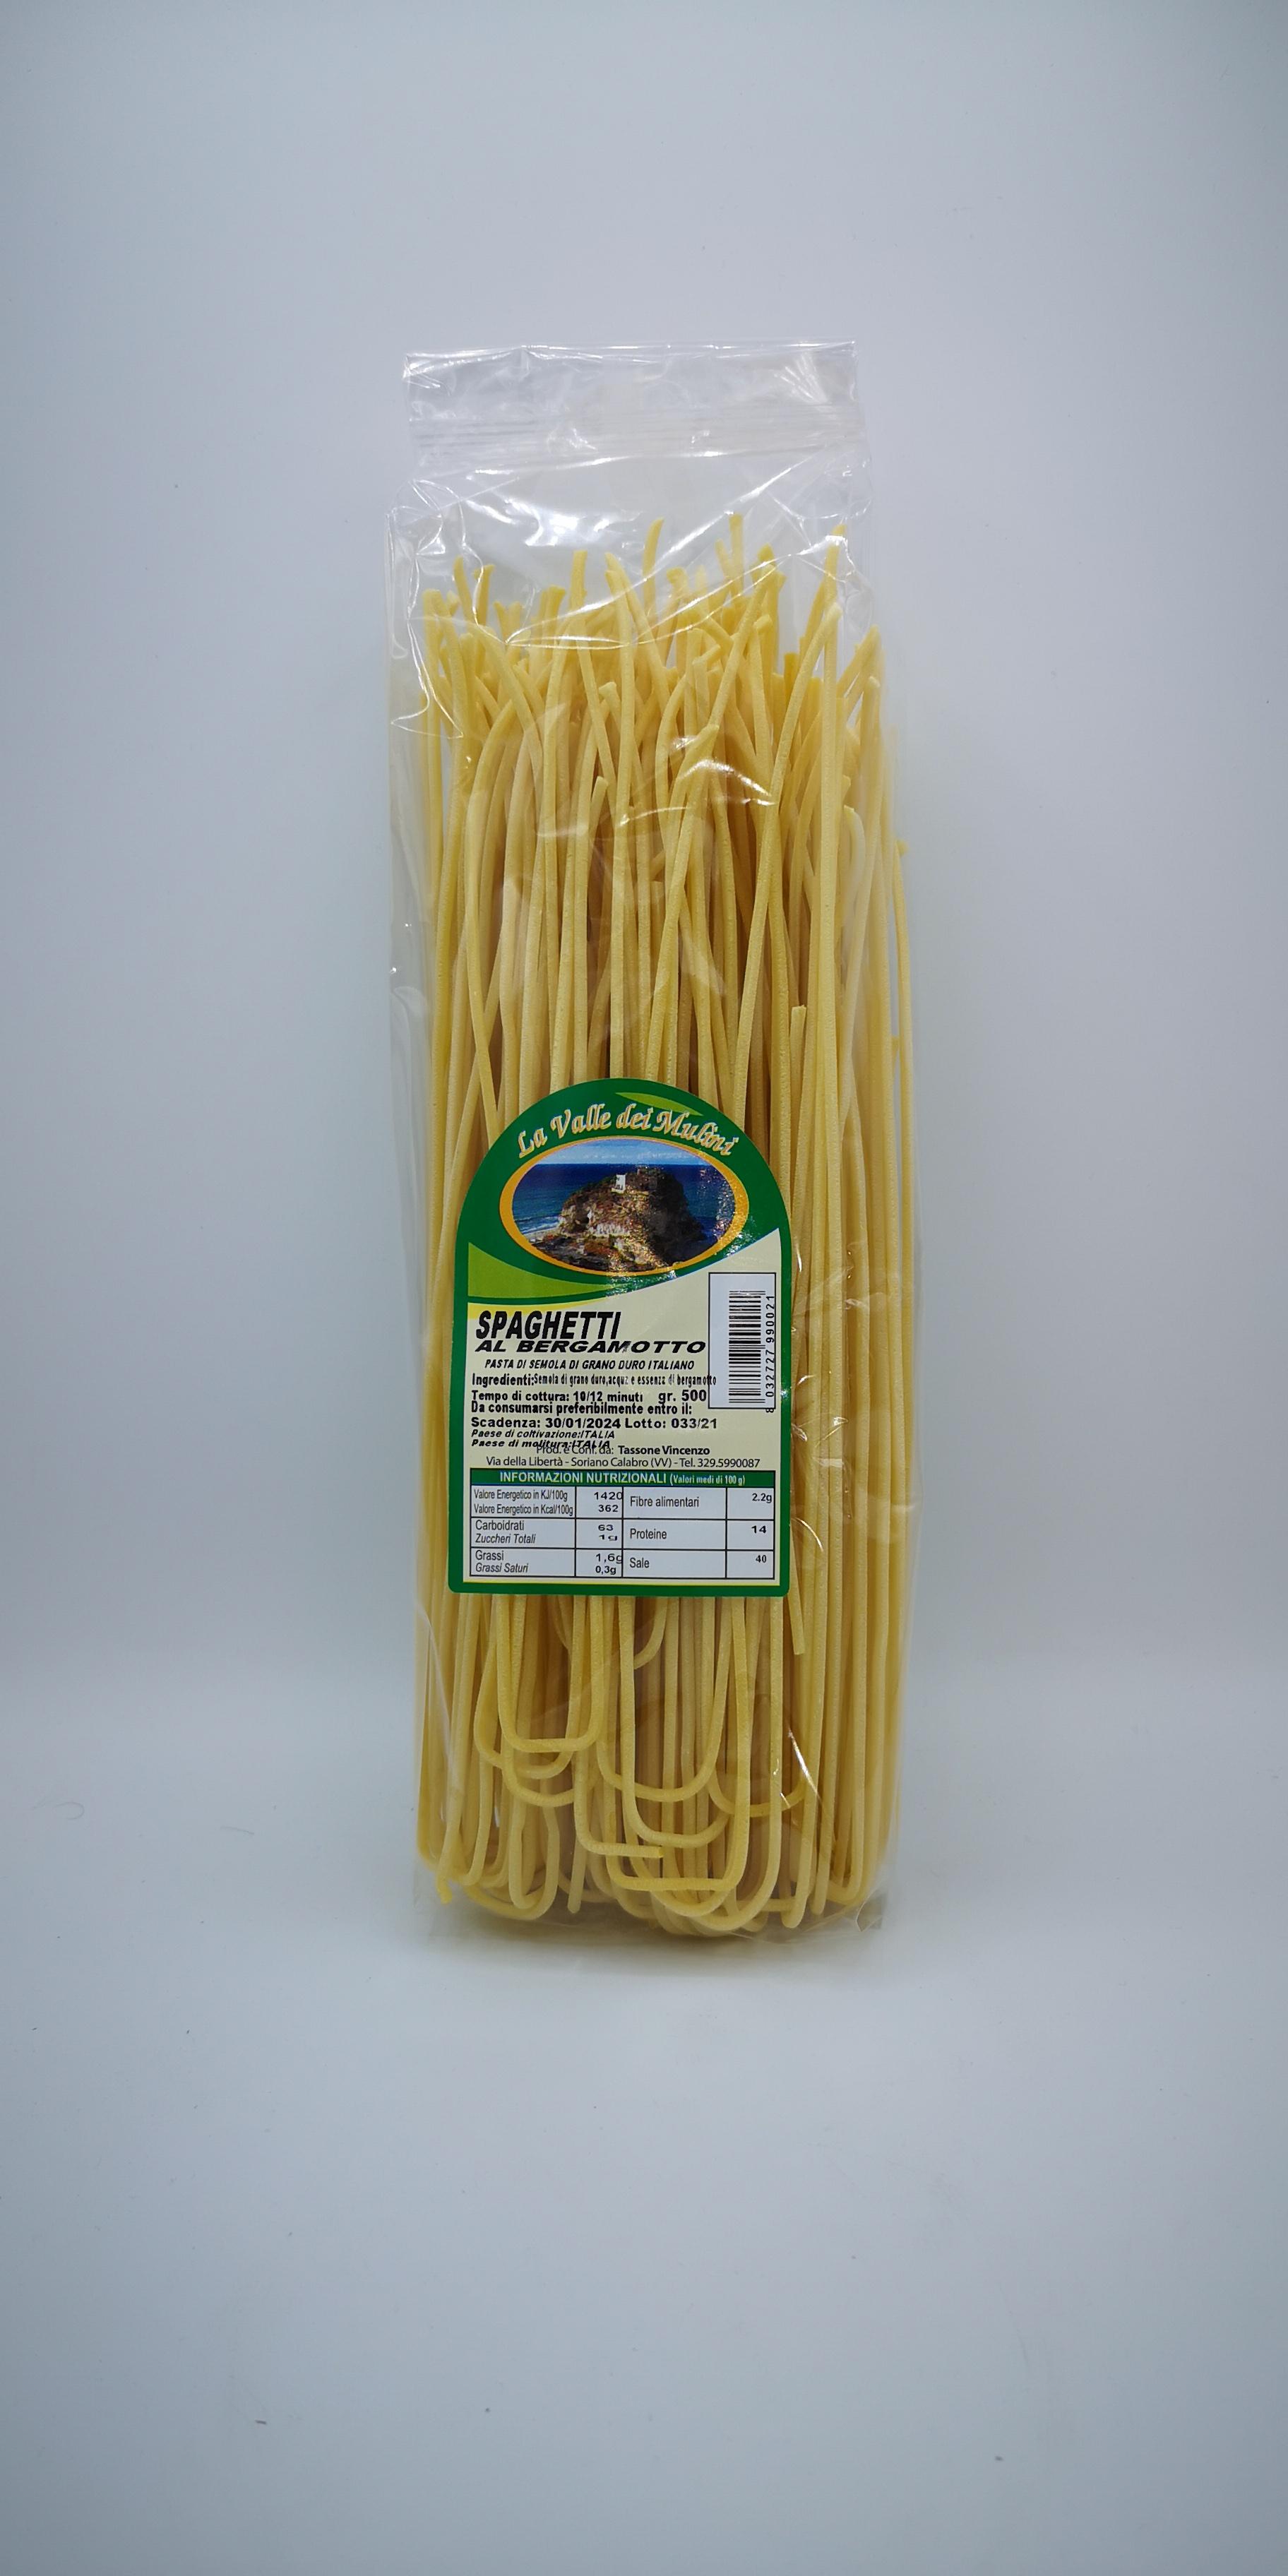 La Valle dei Mulini Spaghetti al Bergamotto GR.500